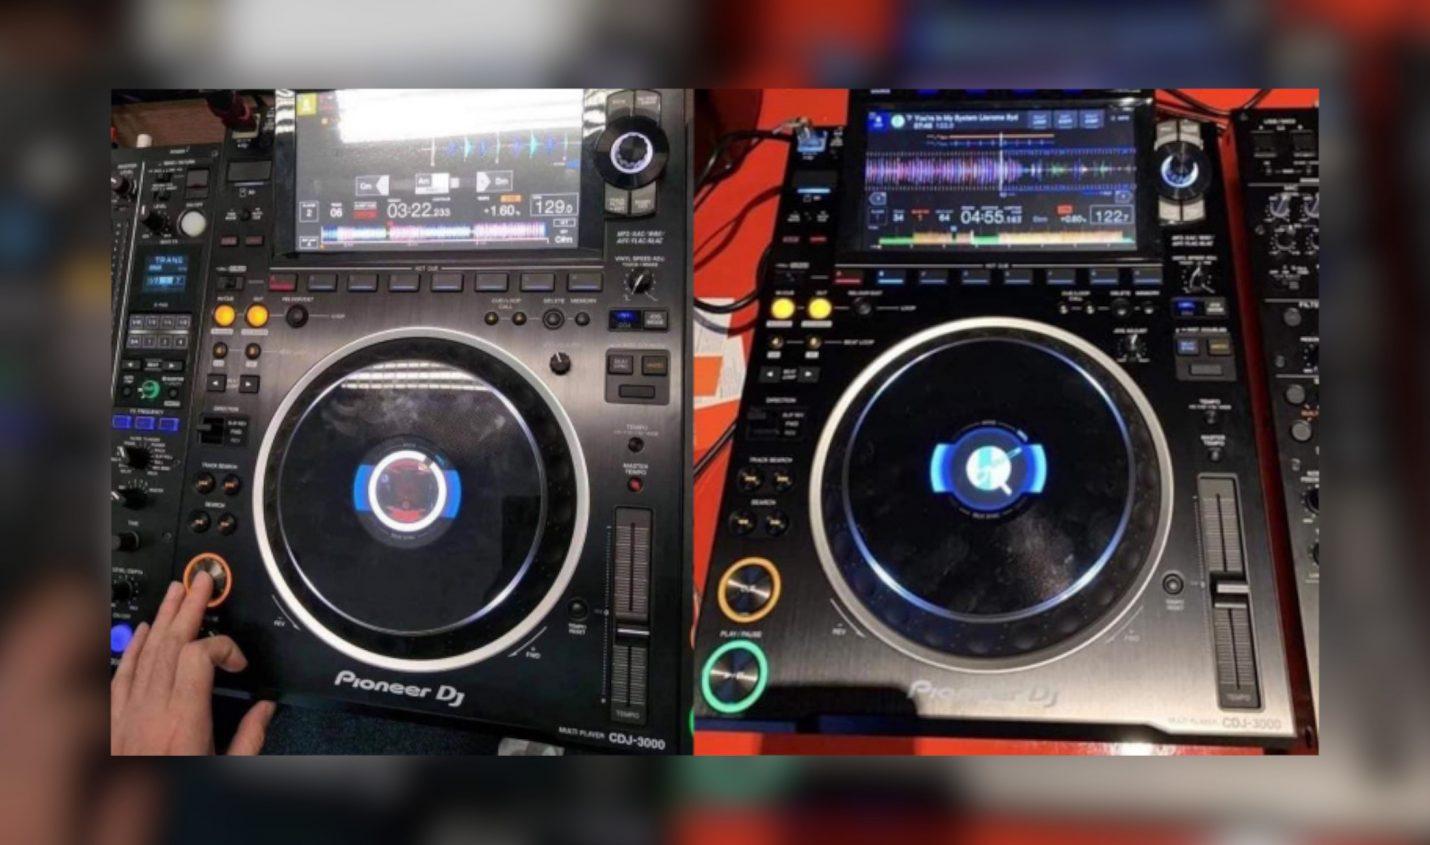 Leak: Bilder vom neuen Pioneer DJ CDJ-3000